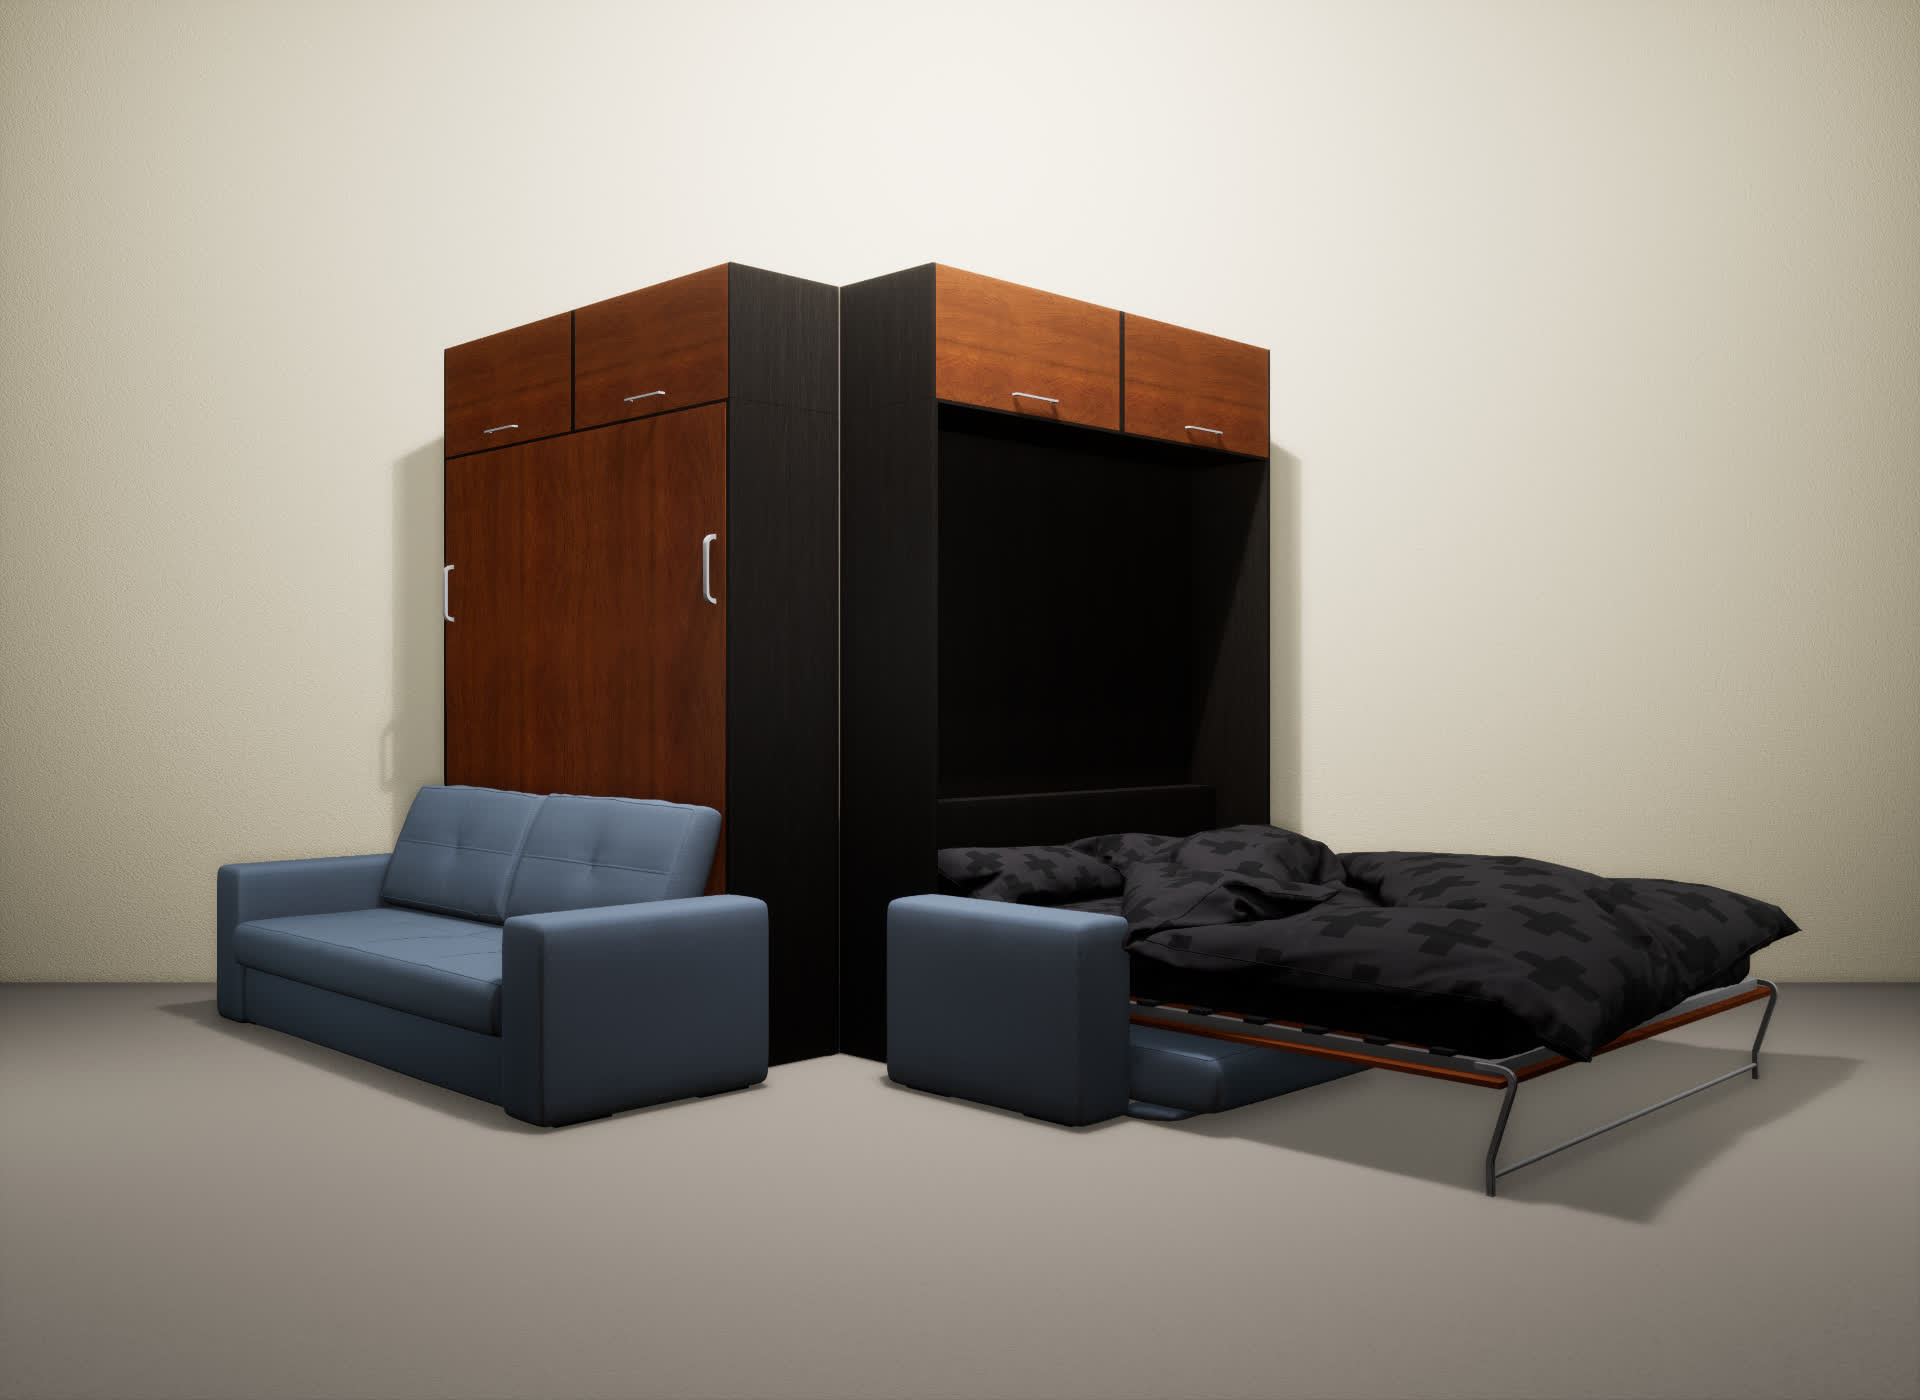 Шкаф-кровать SMART HOME Гамма венге/яблоня